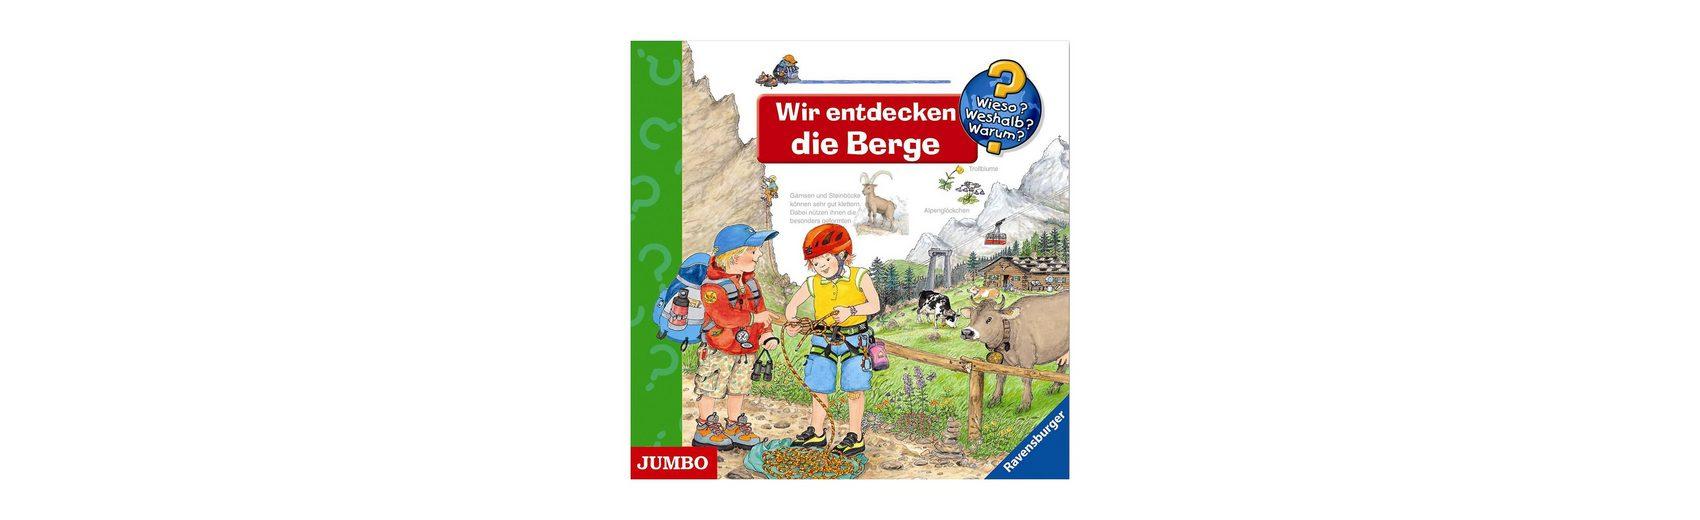 JUMBO Verlag CD Wieso? Weshalb? Warum? - Wir entdecken die Berge